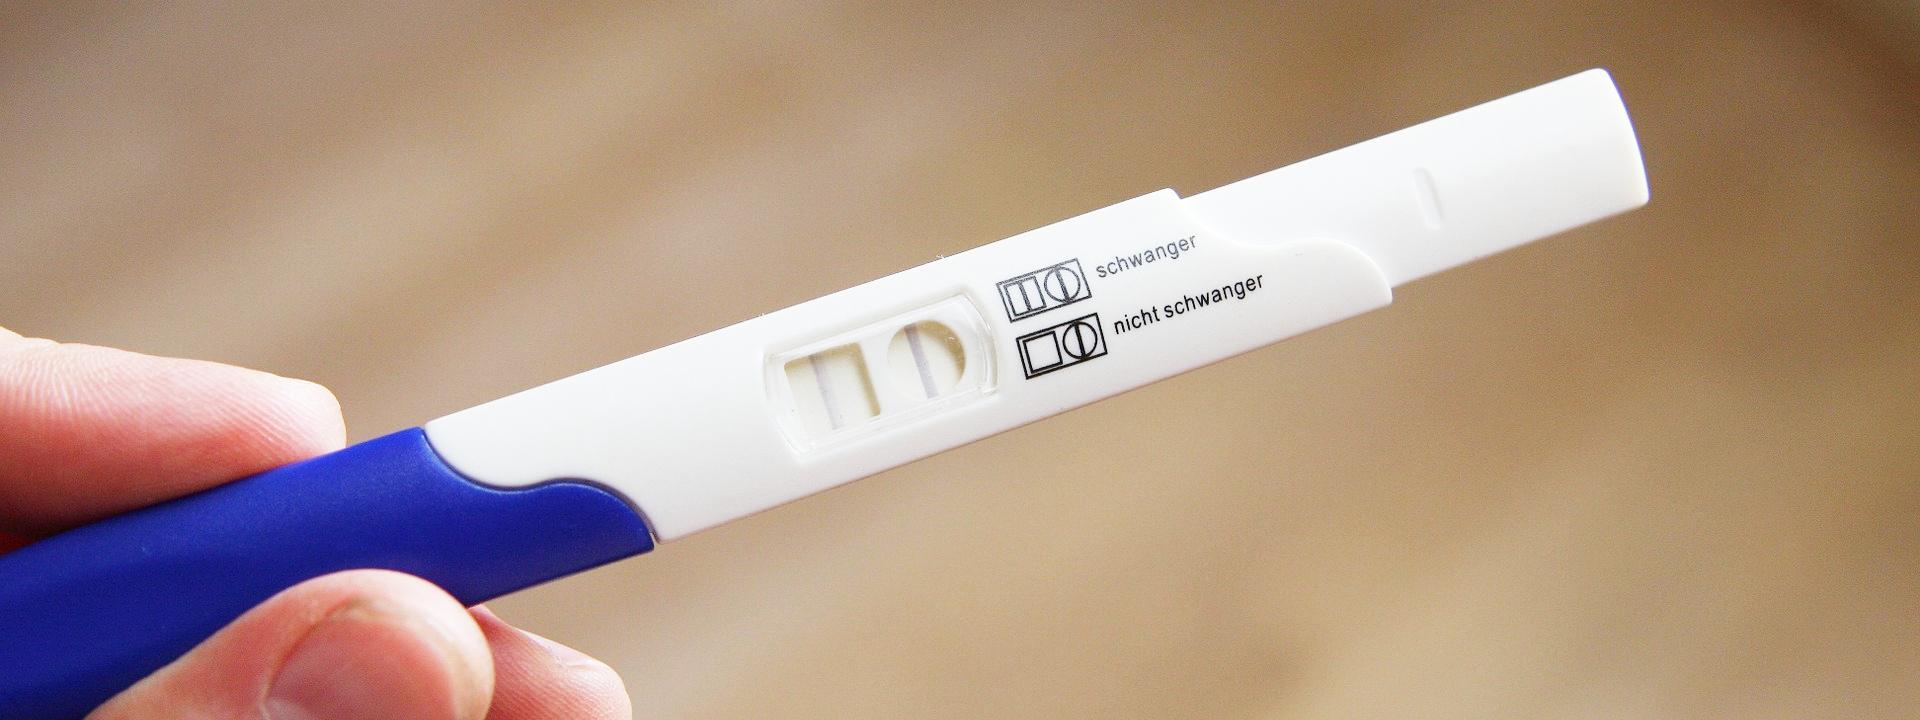 Schwangerenberatungsstelle